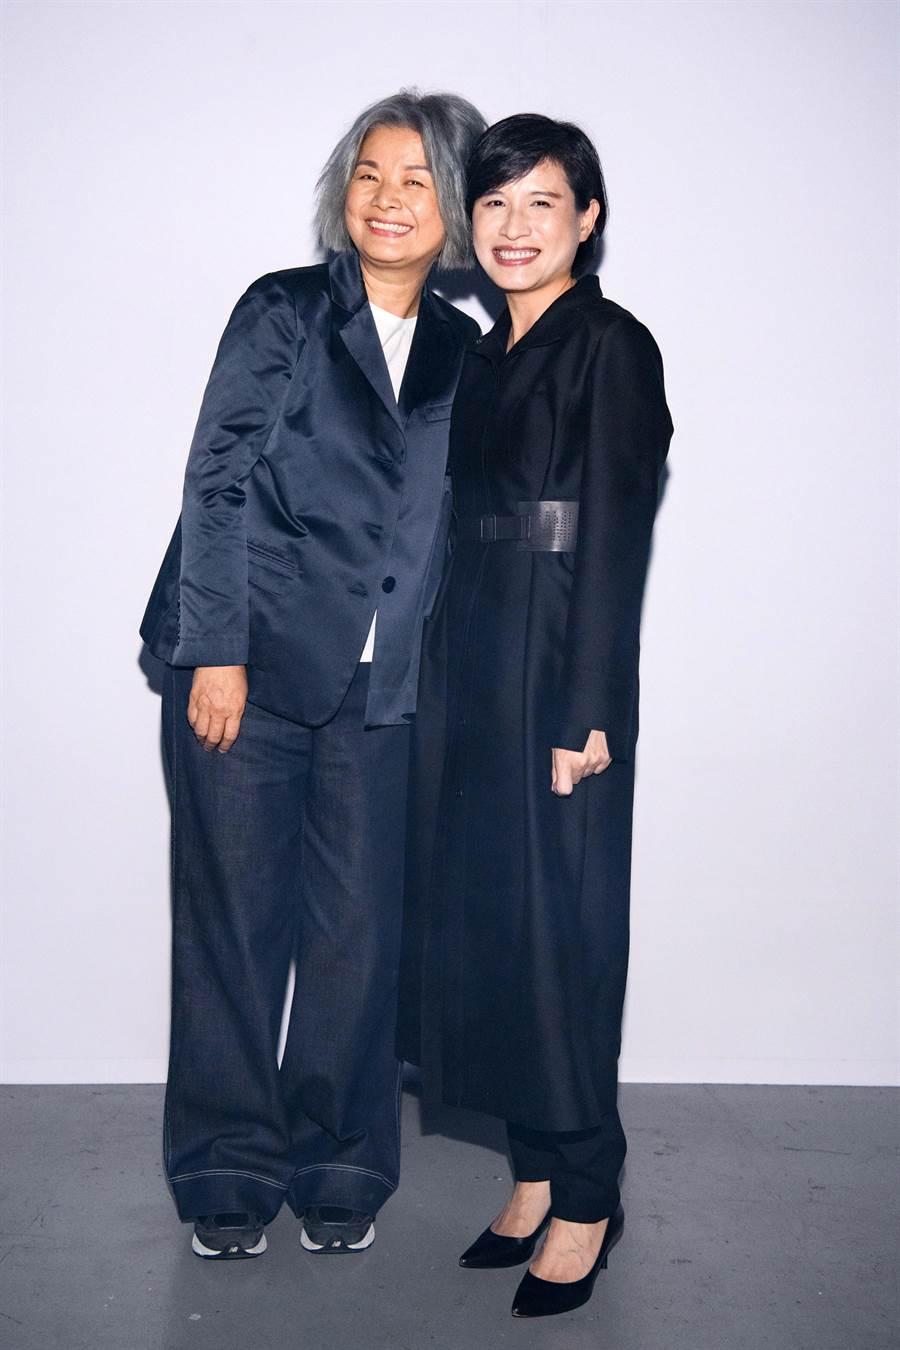 文化部長─鄭麗君(右)於國慶連假前一天,身穿JAMEI CHEN品牌絲麻混紡大衣特別趕來出席品牌秀,訪問時幽默說到陳季敏設計師是她的偶像。(鄧博仁攝)